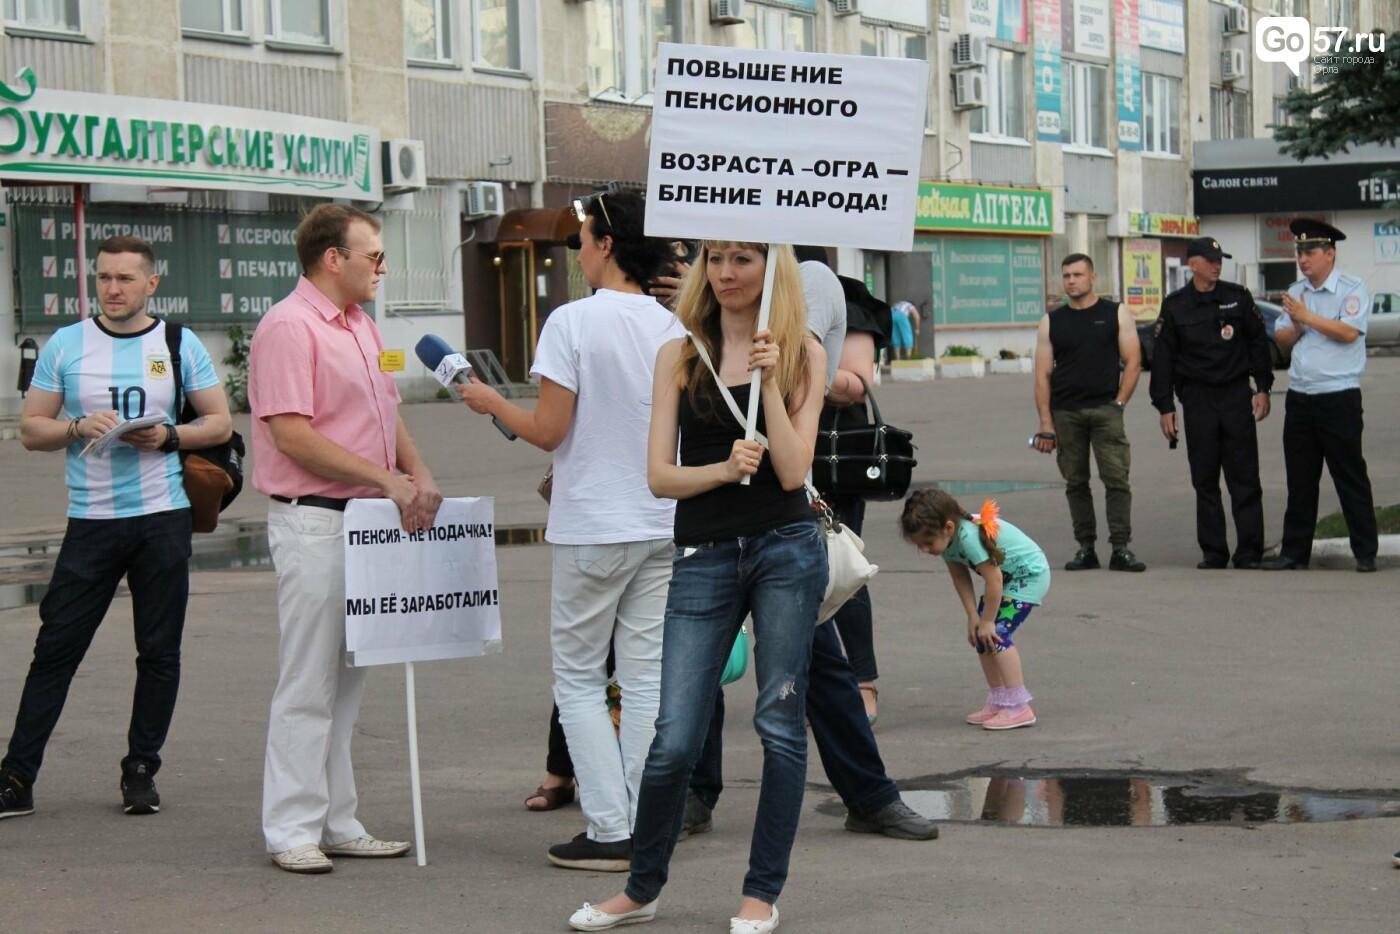 В Орле прошел митинг против повышения пенсионного возраста, фото-2